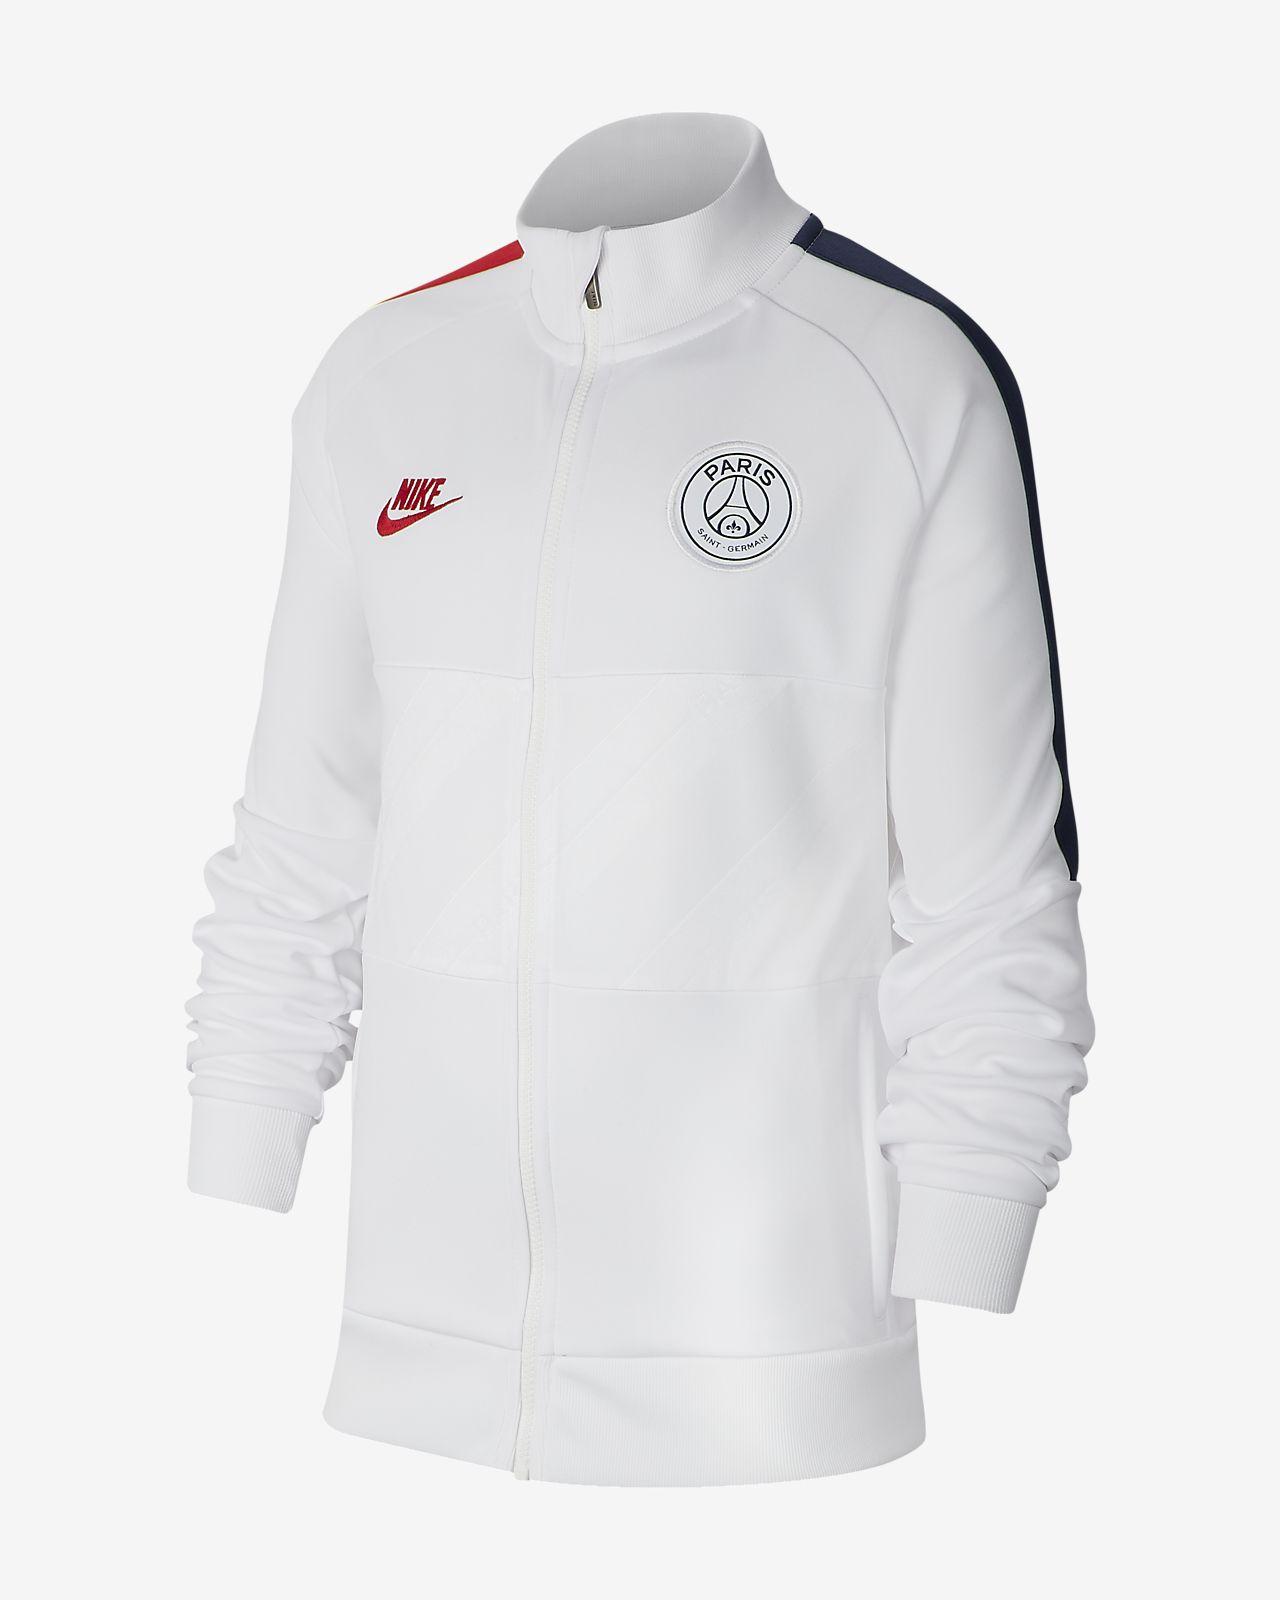 Παιδικό ποδοσφαιρικό τζάκετ Paris Saint-Germain